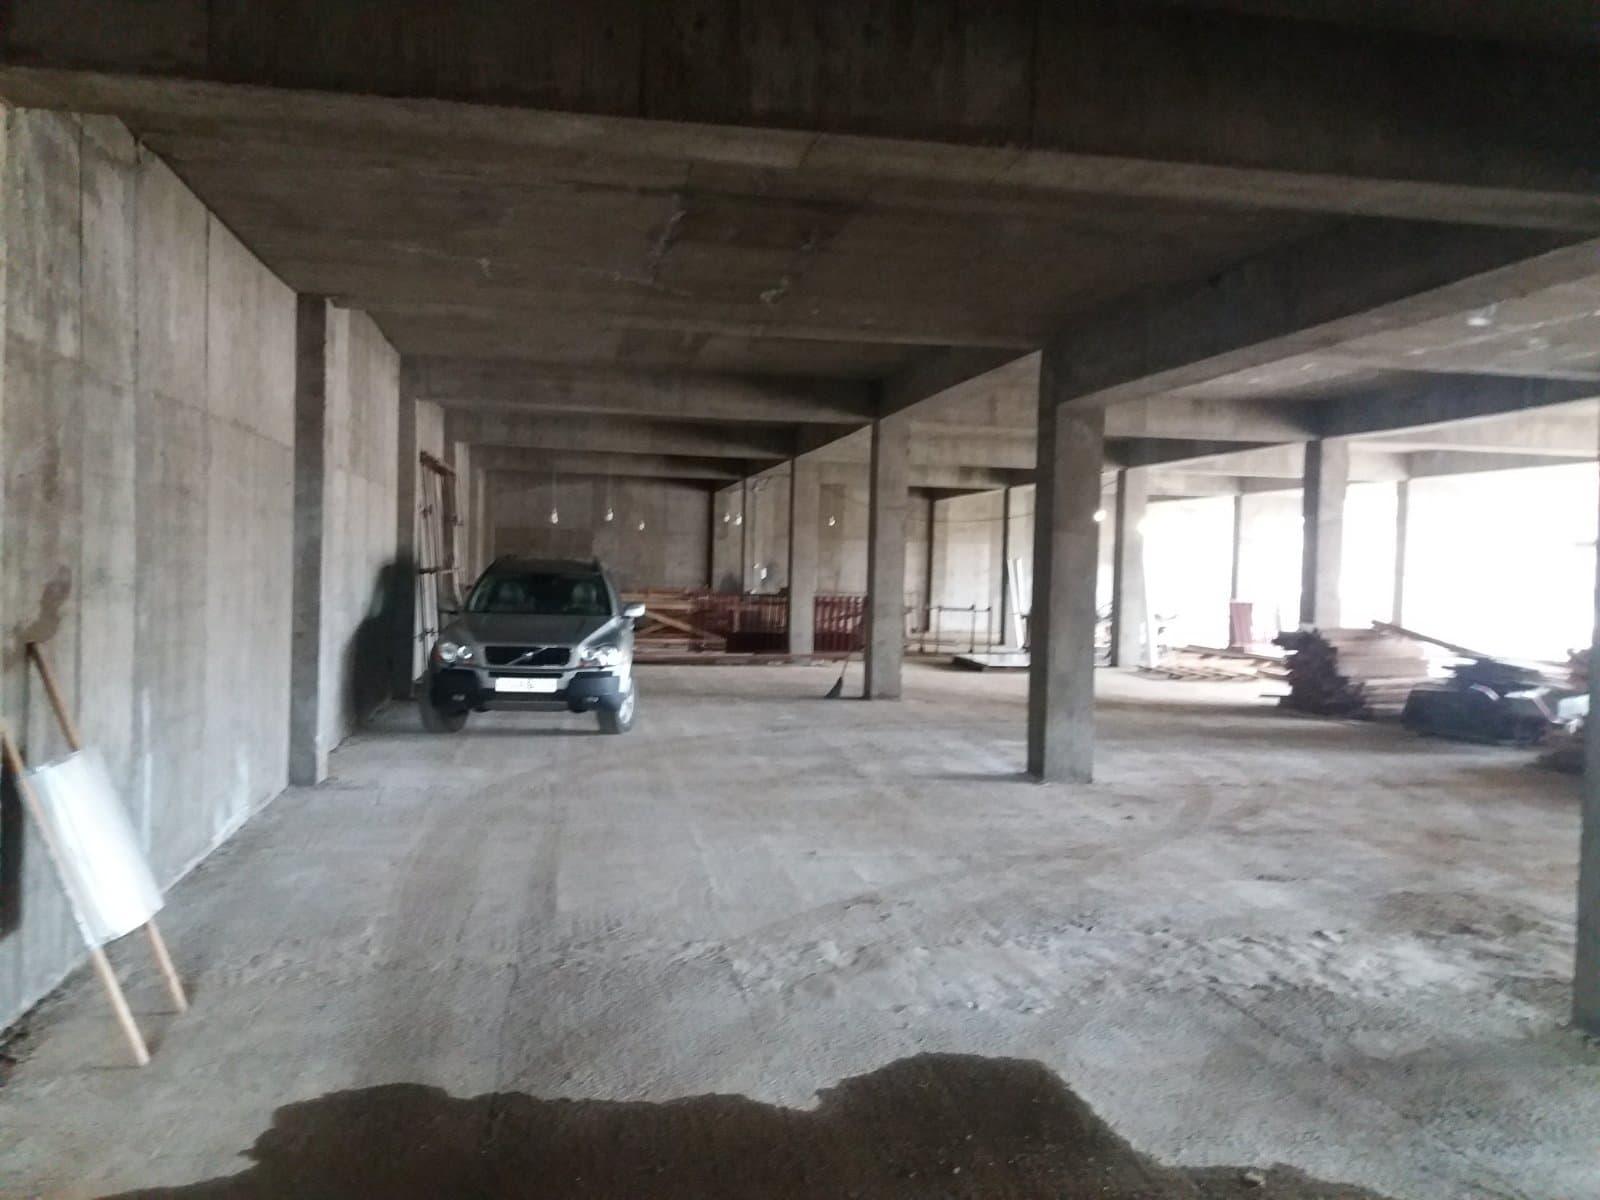 Автопарковка строится